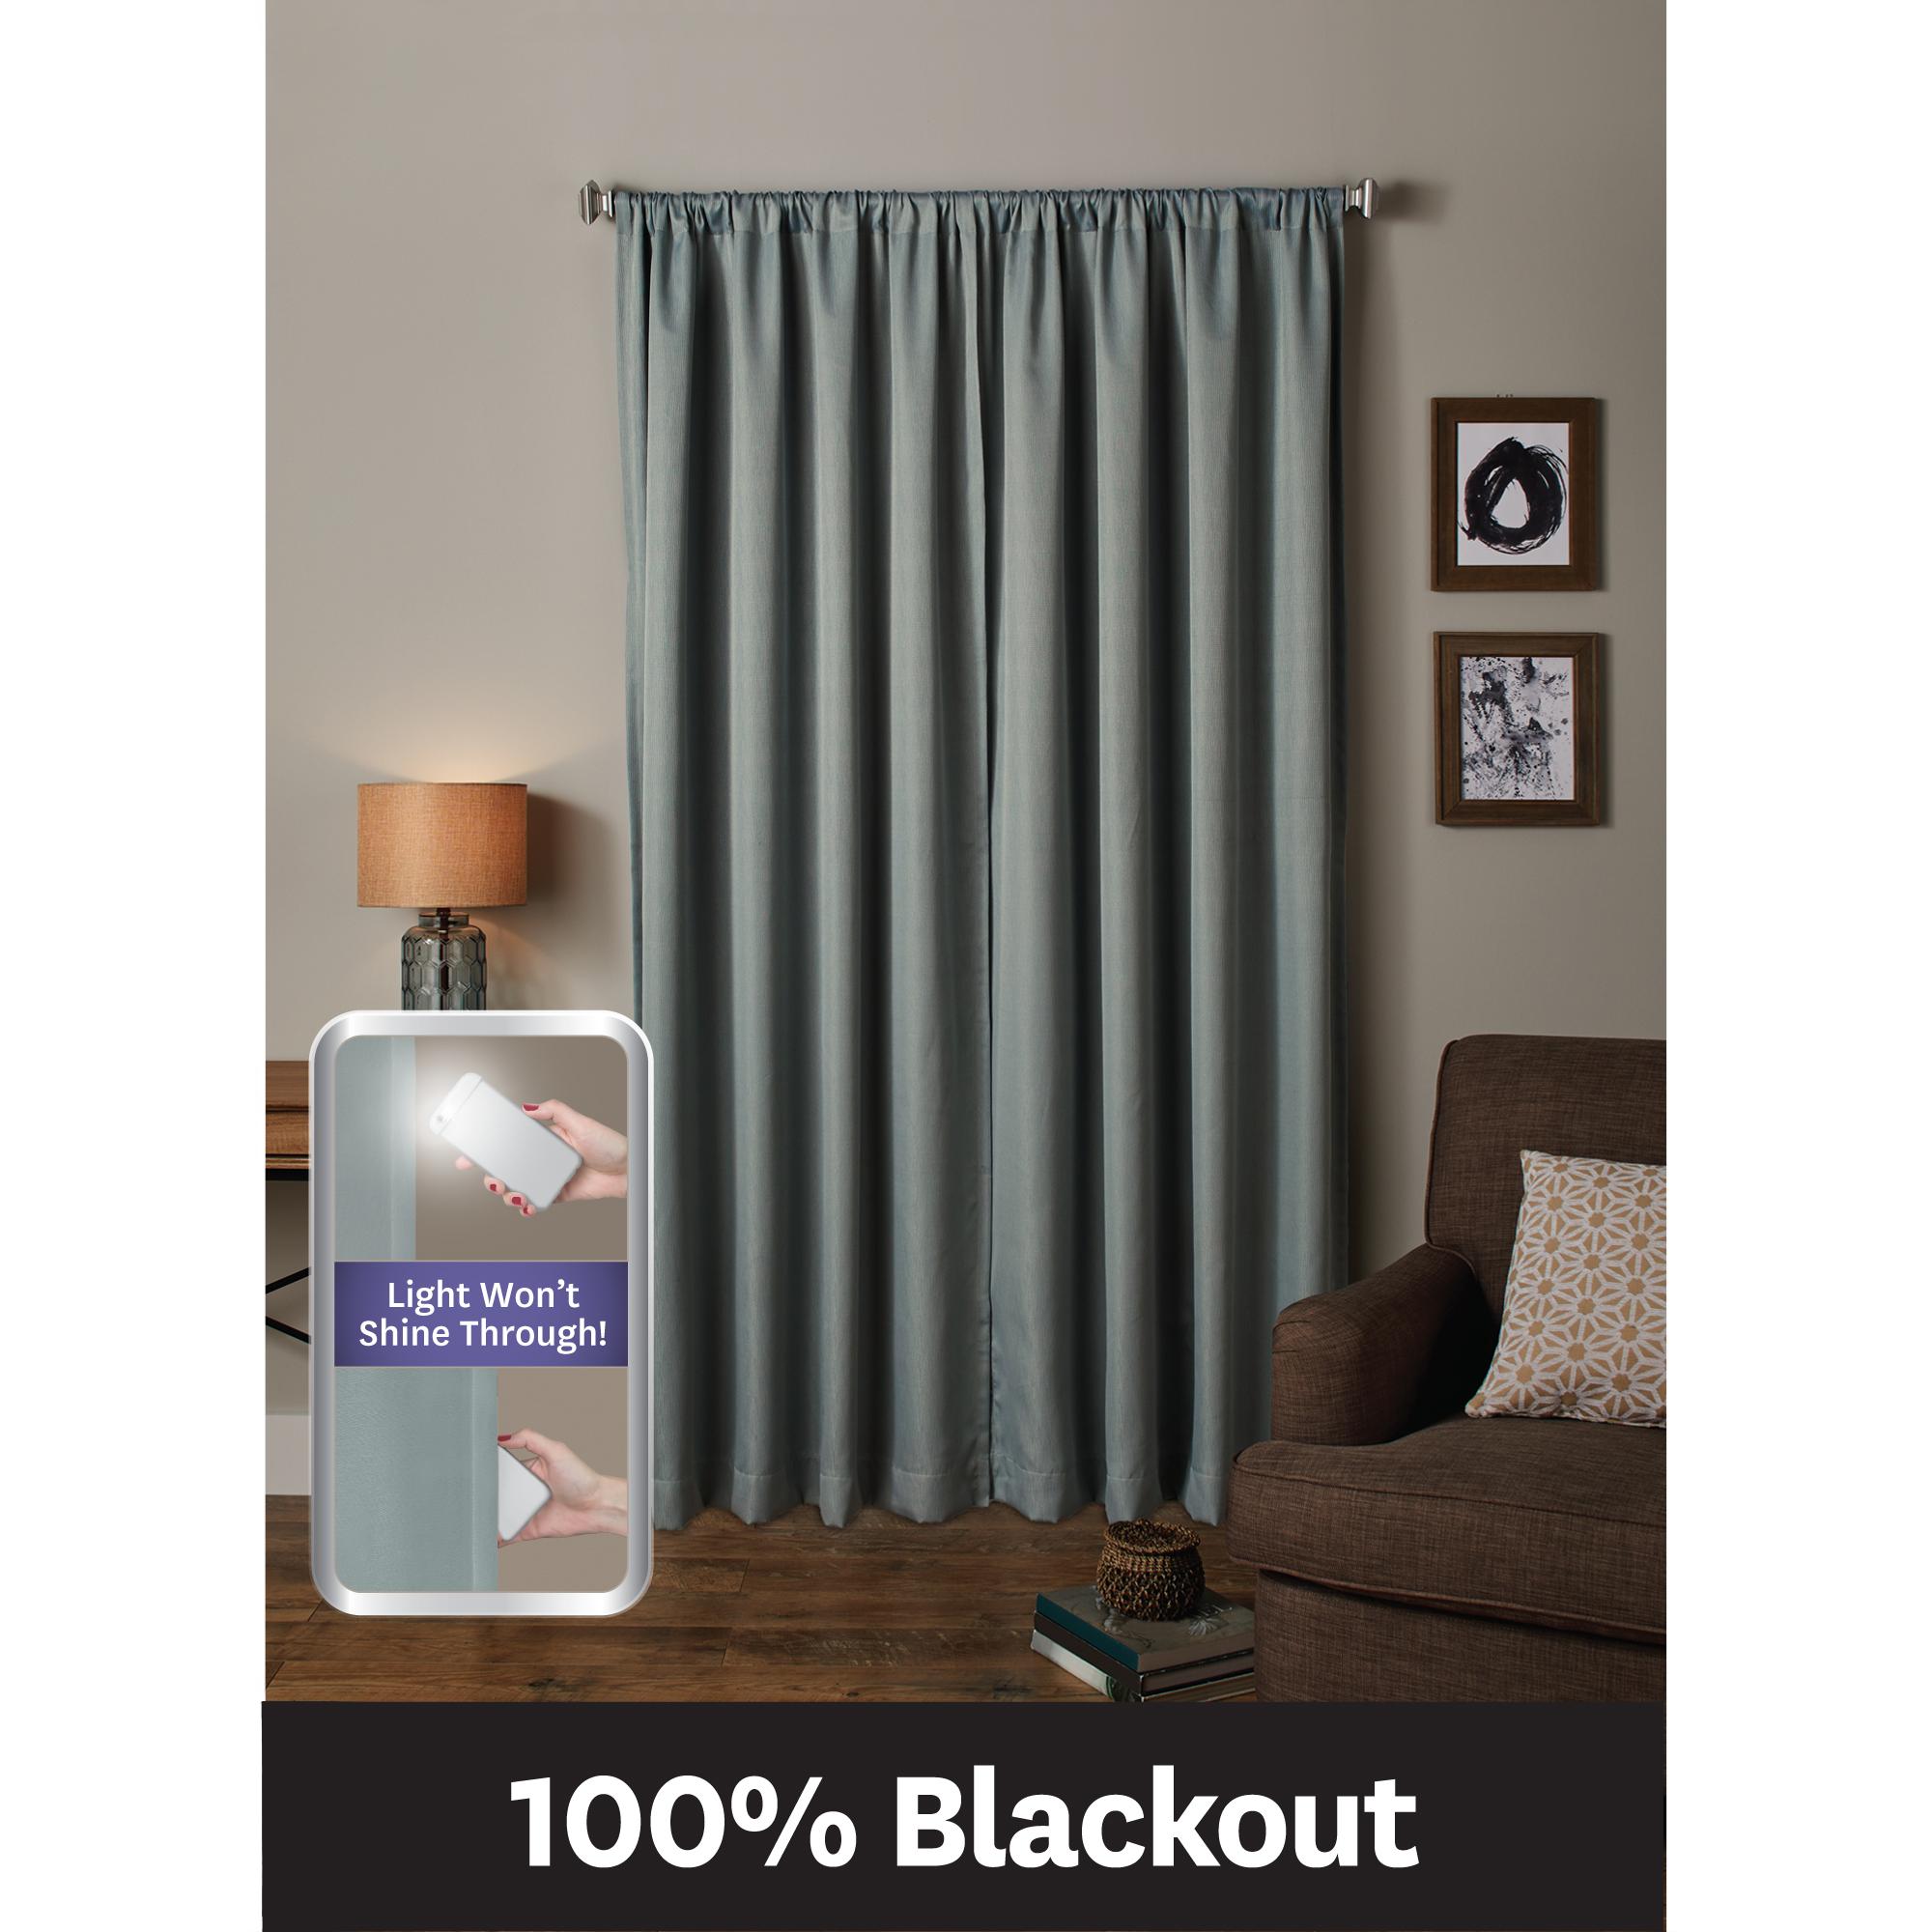 Better Homes & Gardens Ultimate Light Blocker 100 Percent Blackout